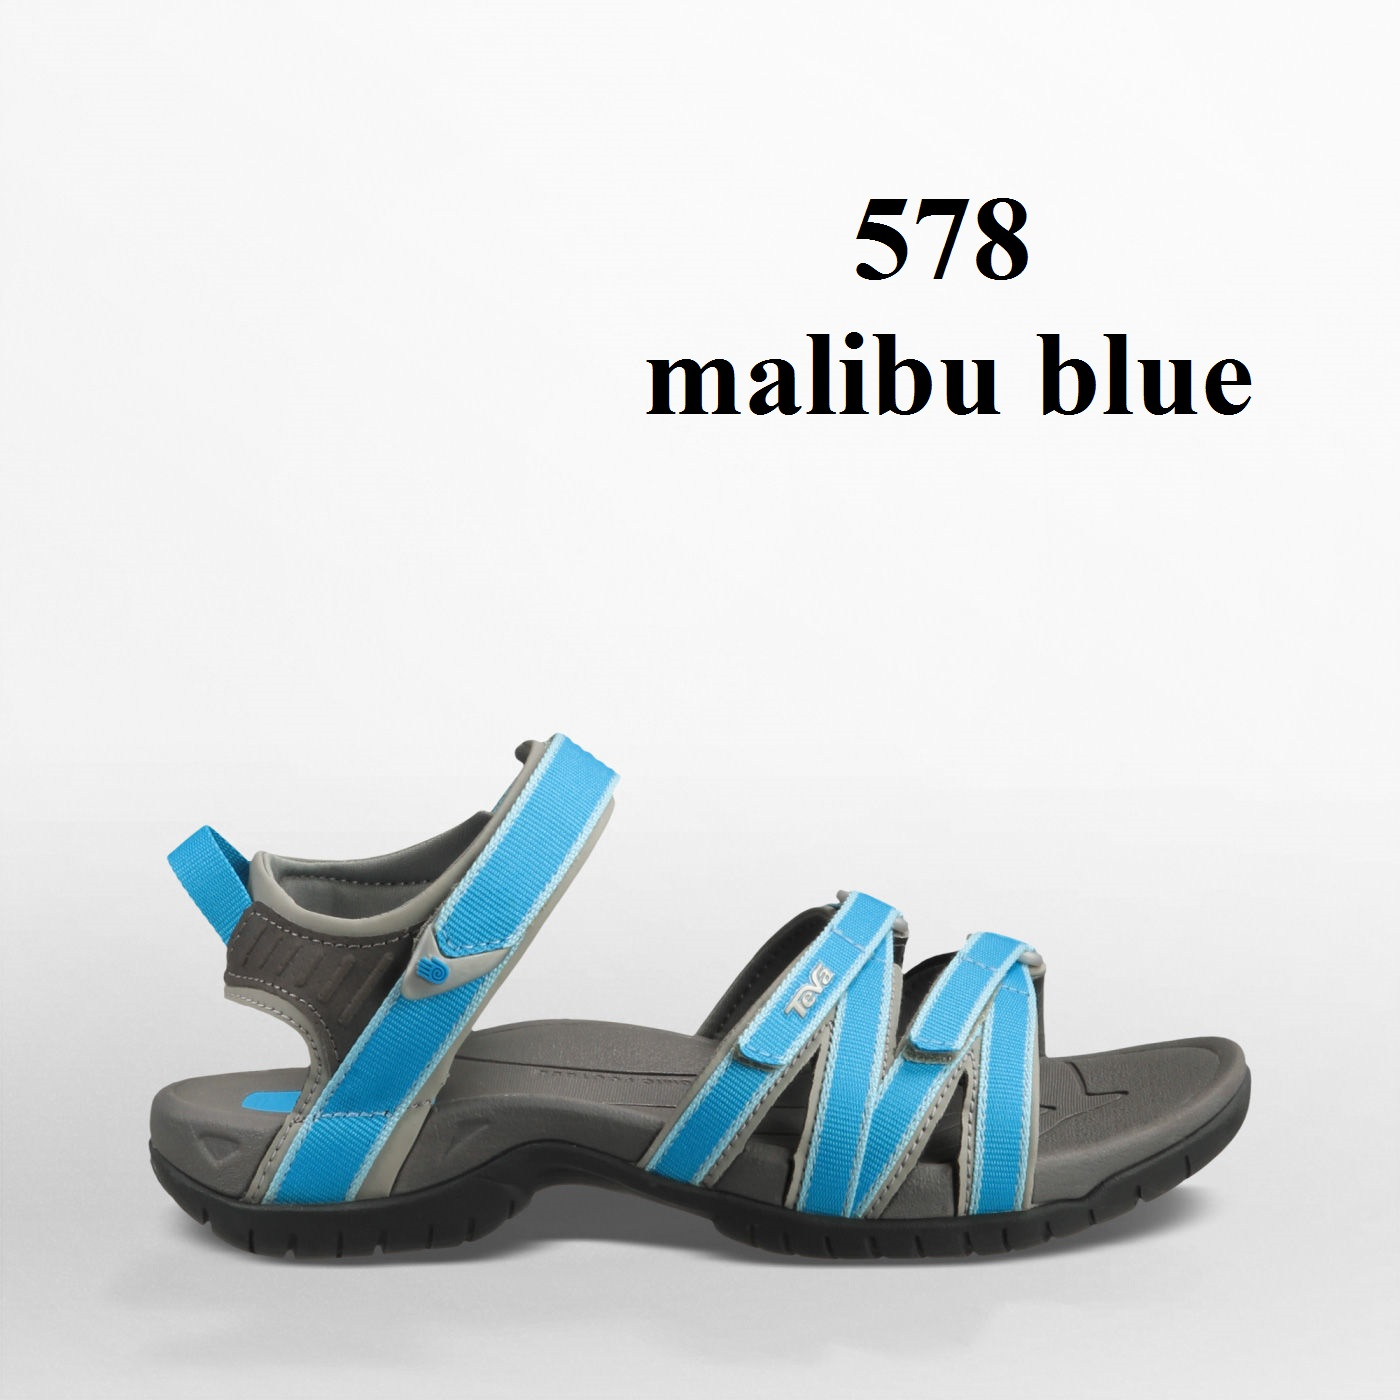 4266-MBB_1_1